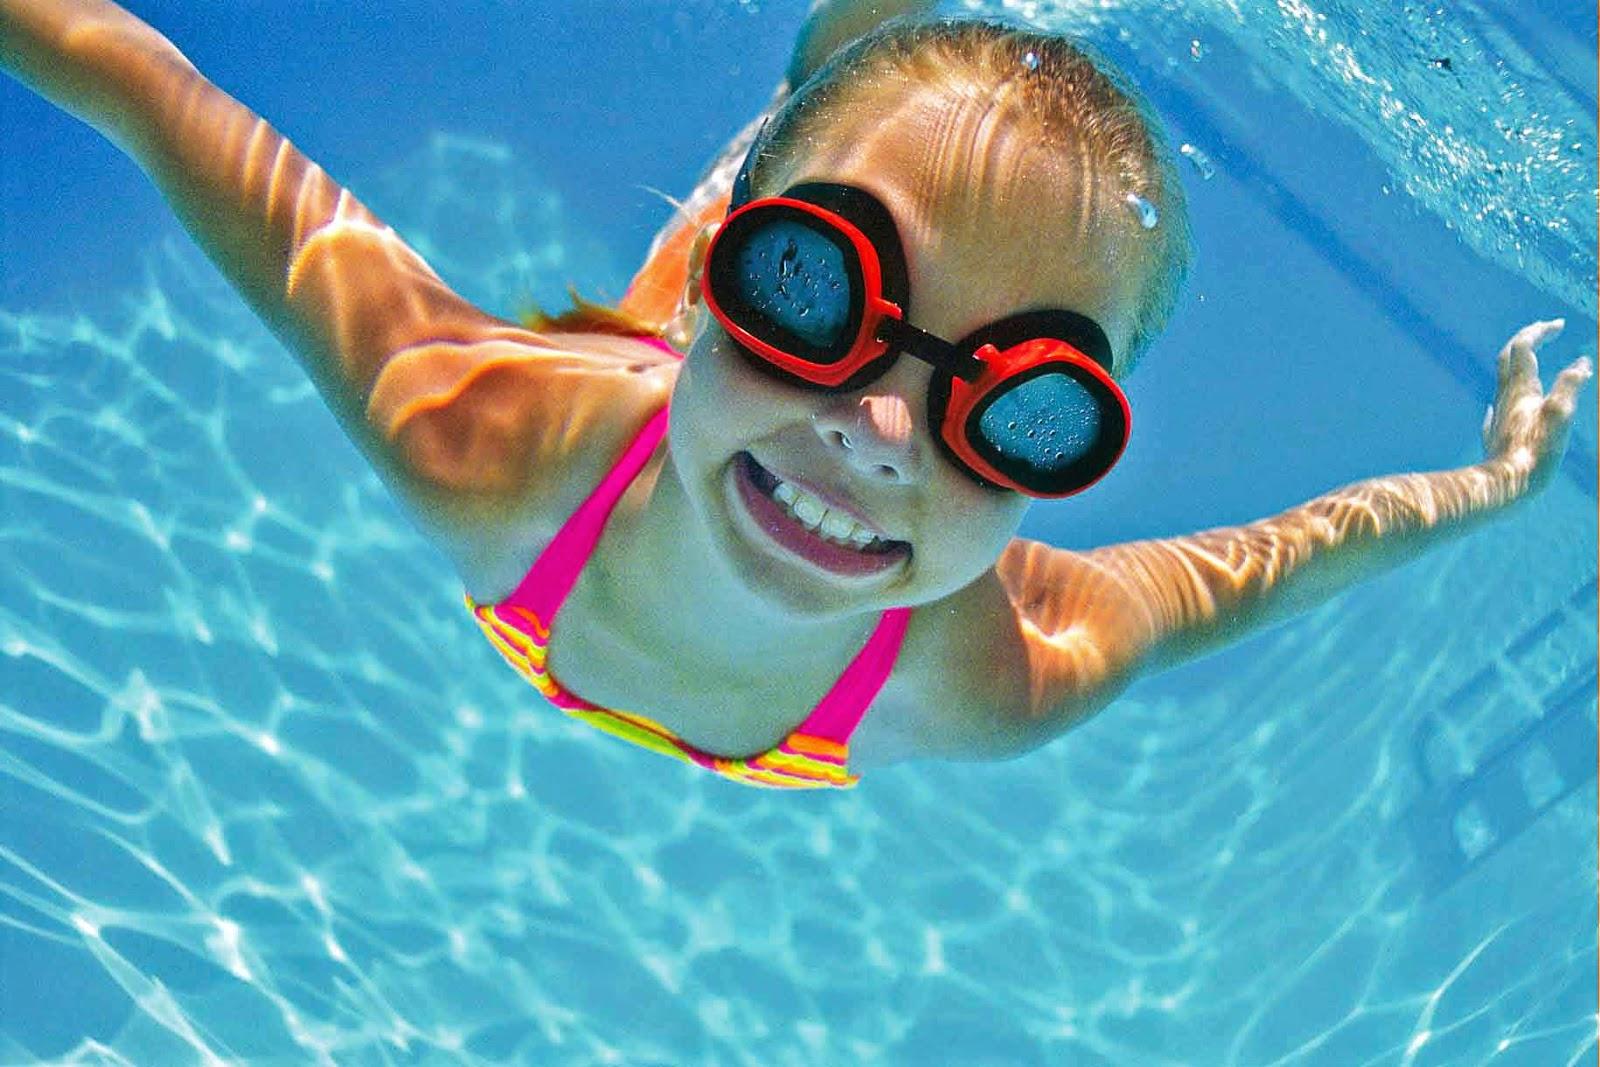 Обучение плаванию при аутизме